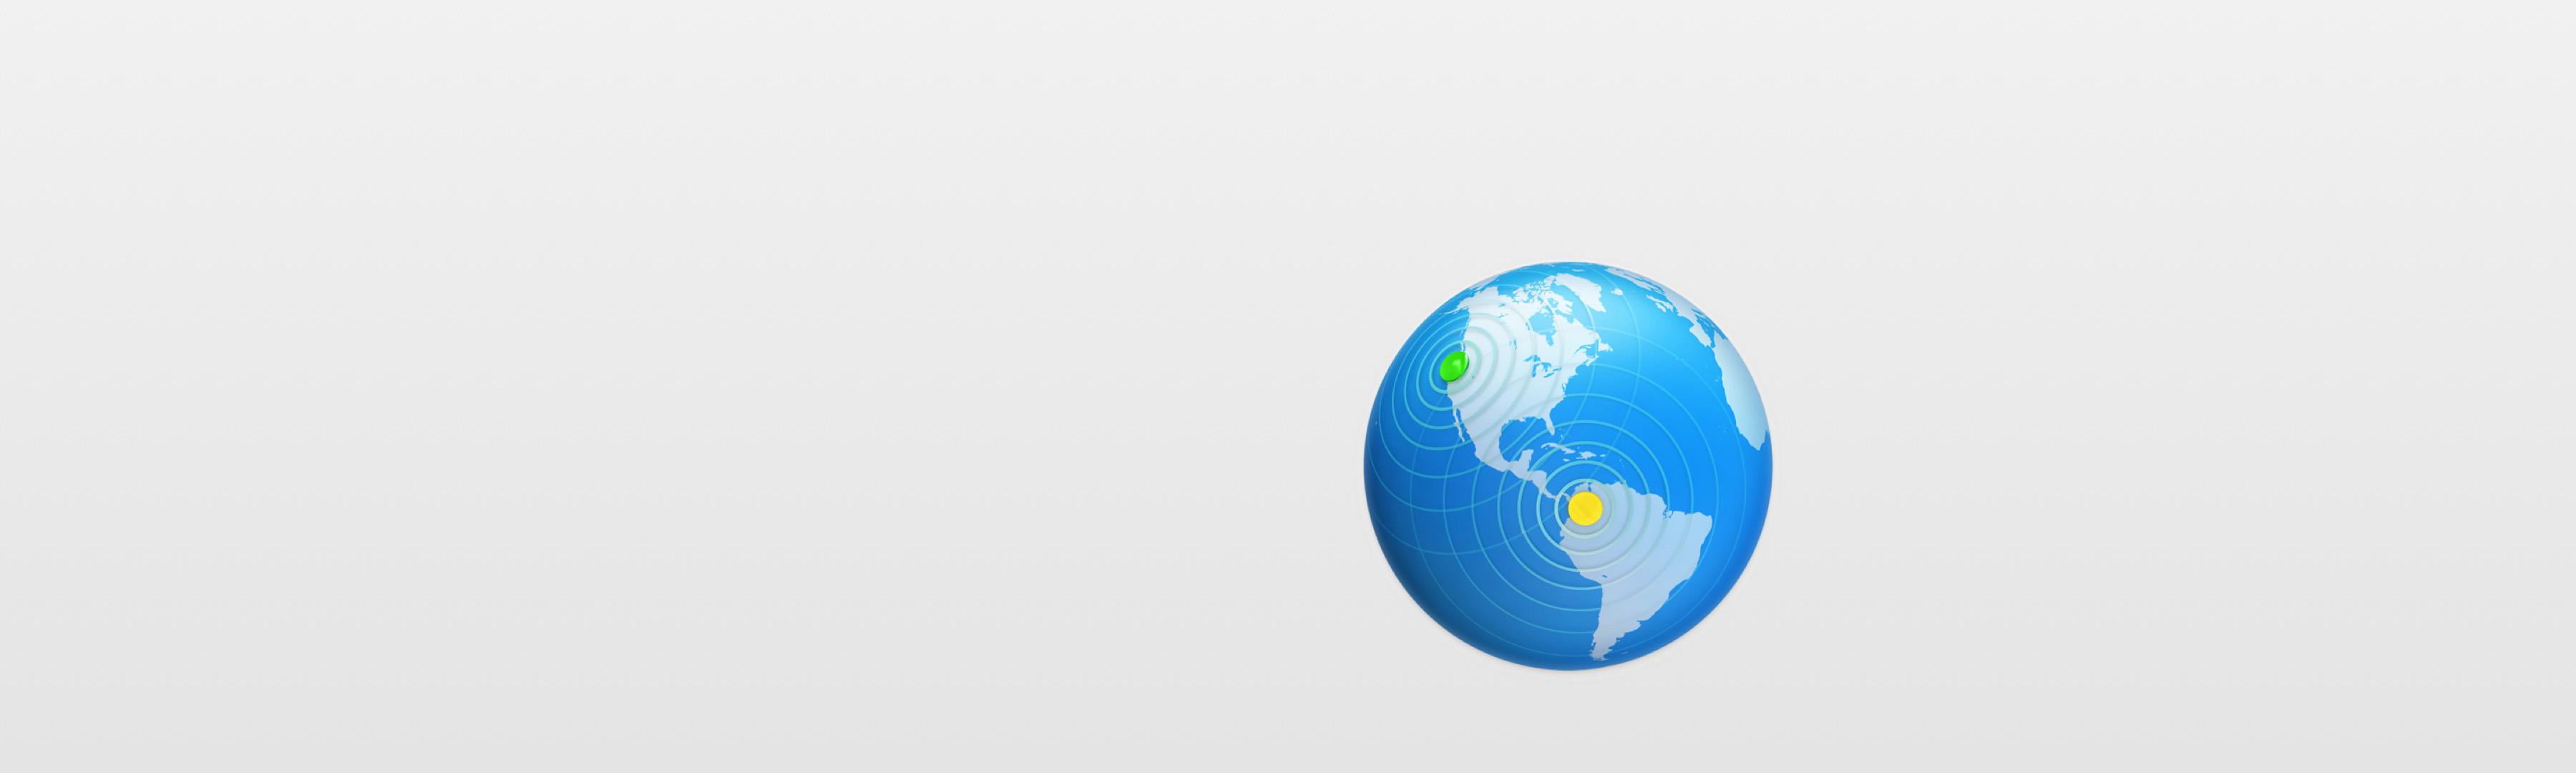 Hallo zusammen, in der hoffnung das hier noch andere macos big sur user mit. Macos Server Official Apple Support